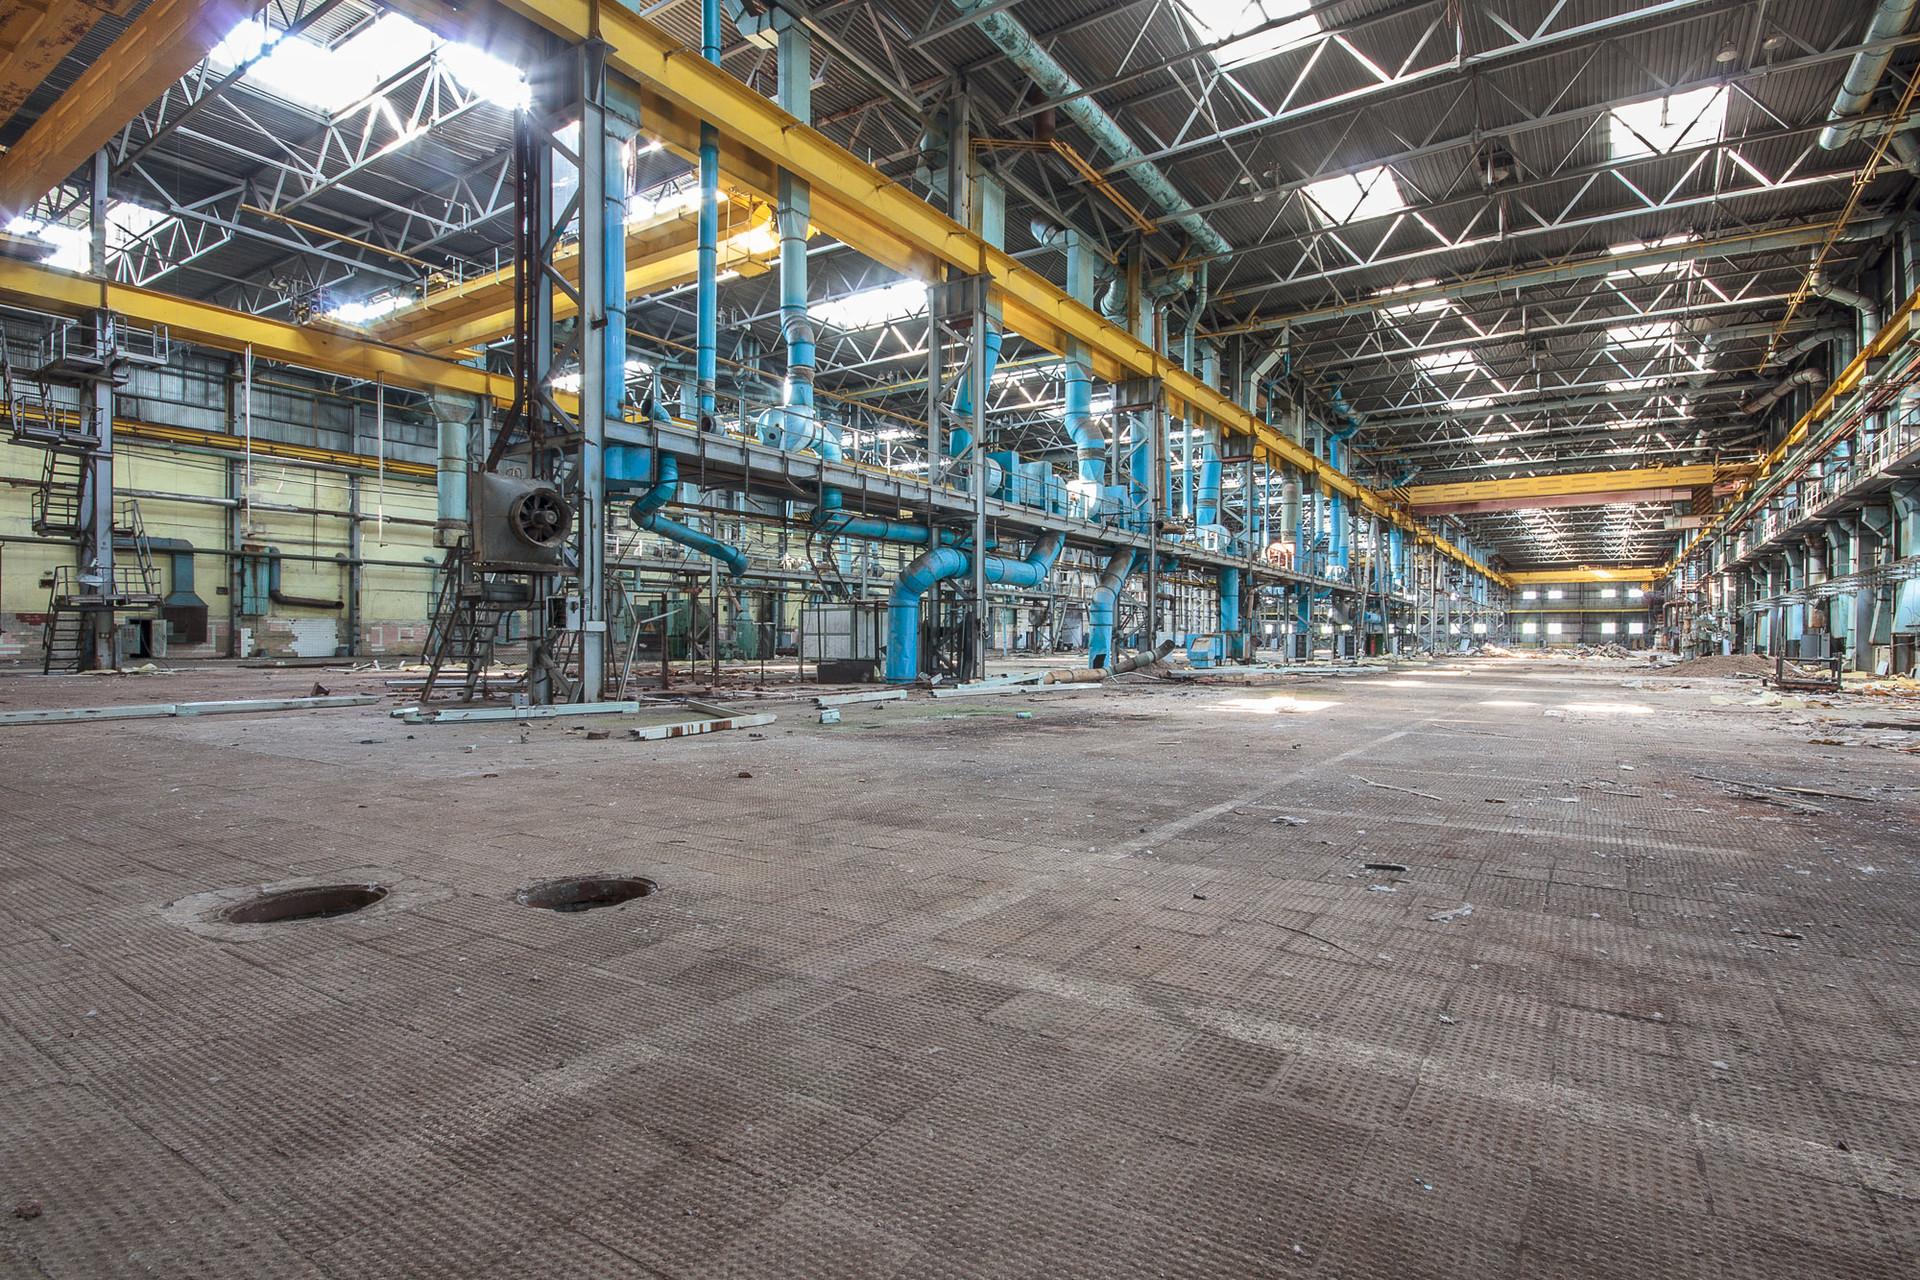 Hangars vides dans une usine de fabrication de machines.